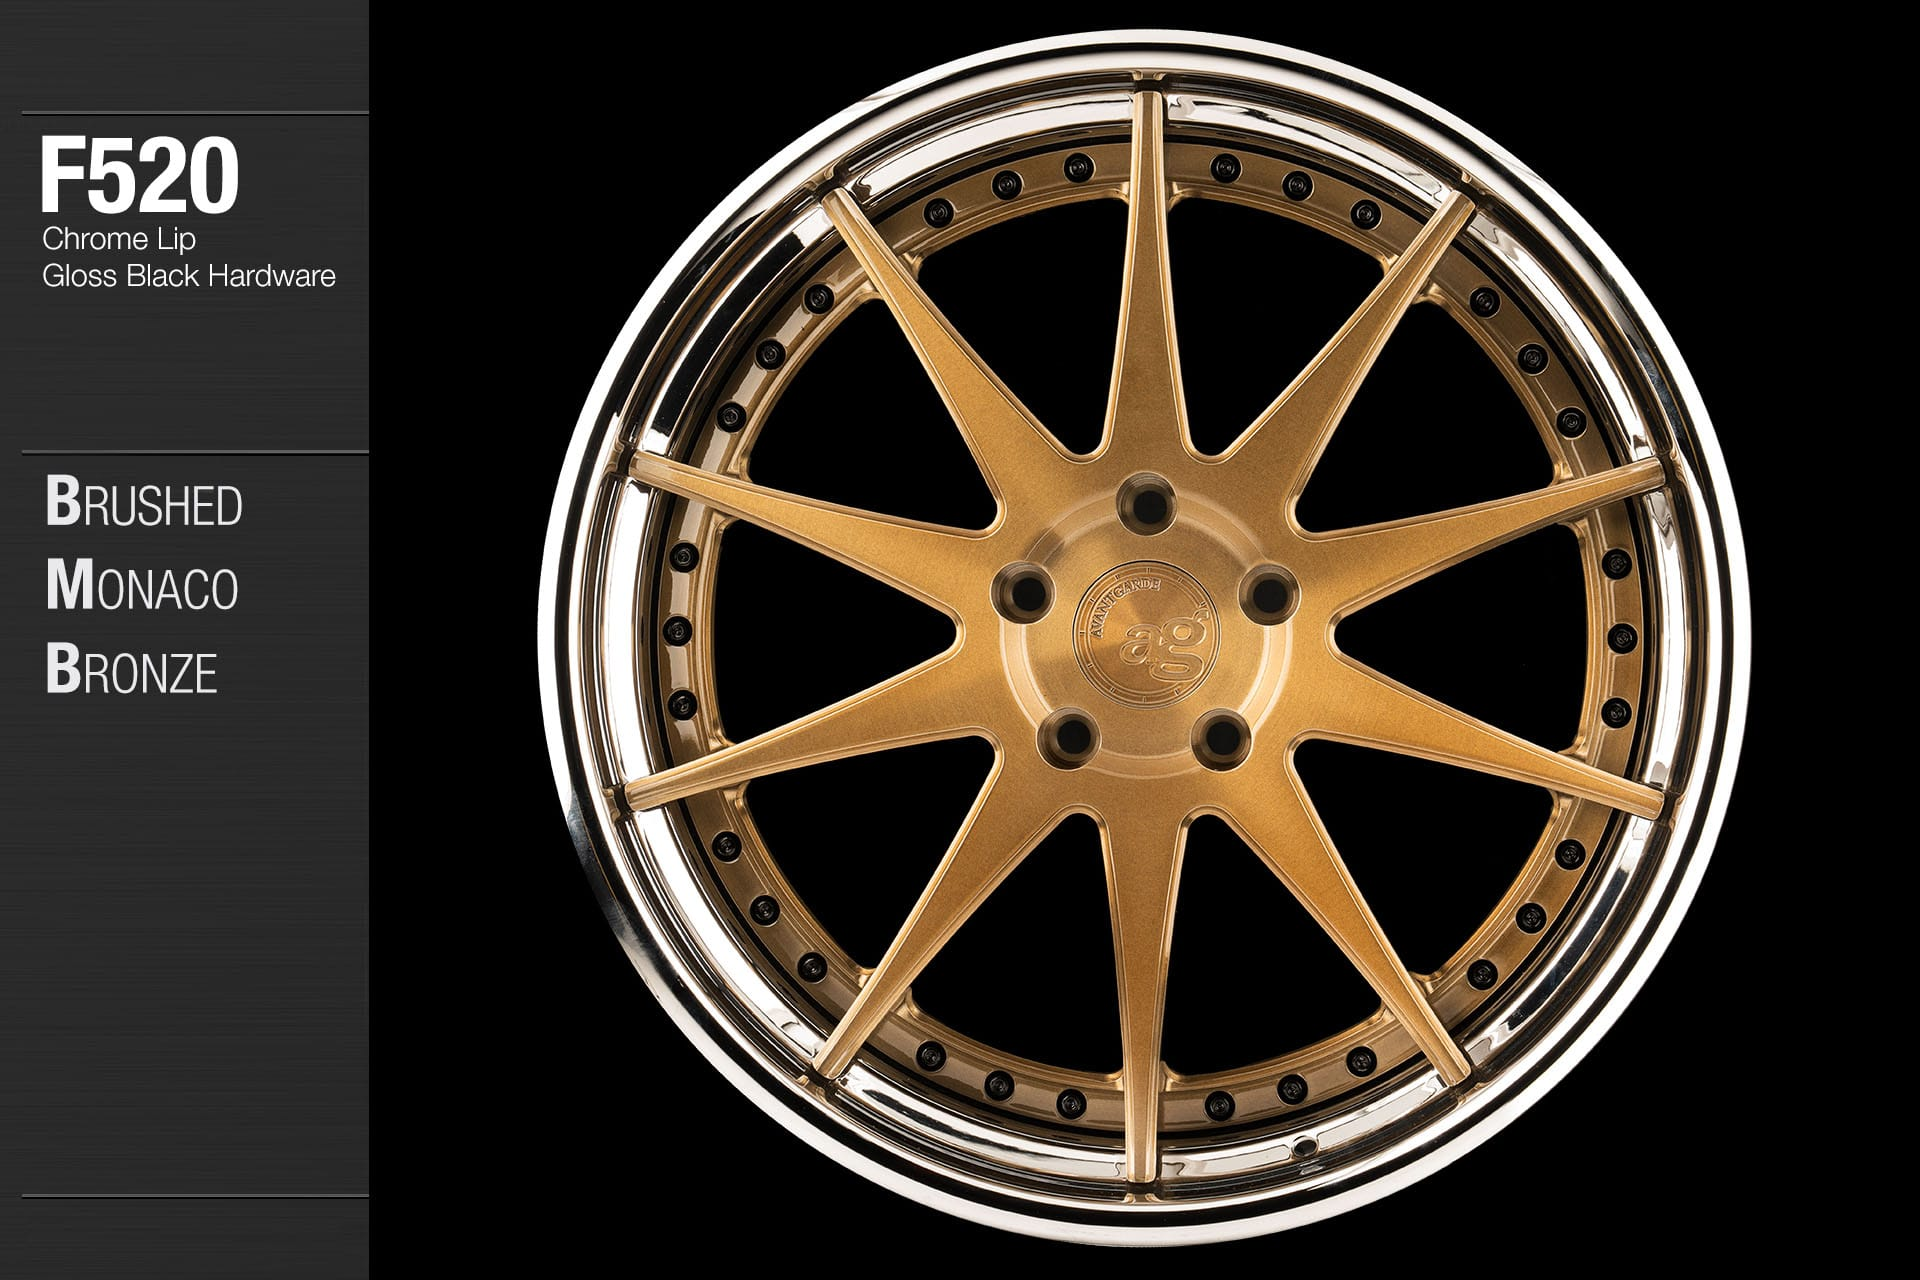 avant-garde-ag-wheels-f520-brushed-monaco-bronze-face-chrome-lip-gloss-black-hardware-1-min